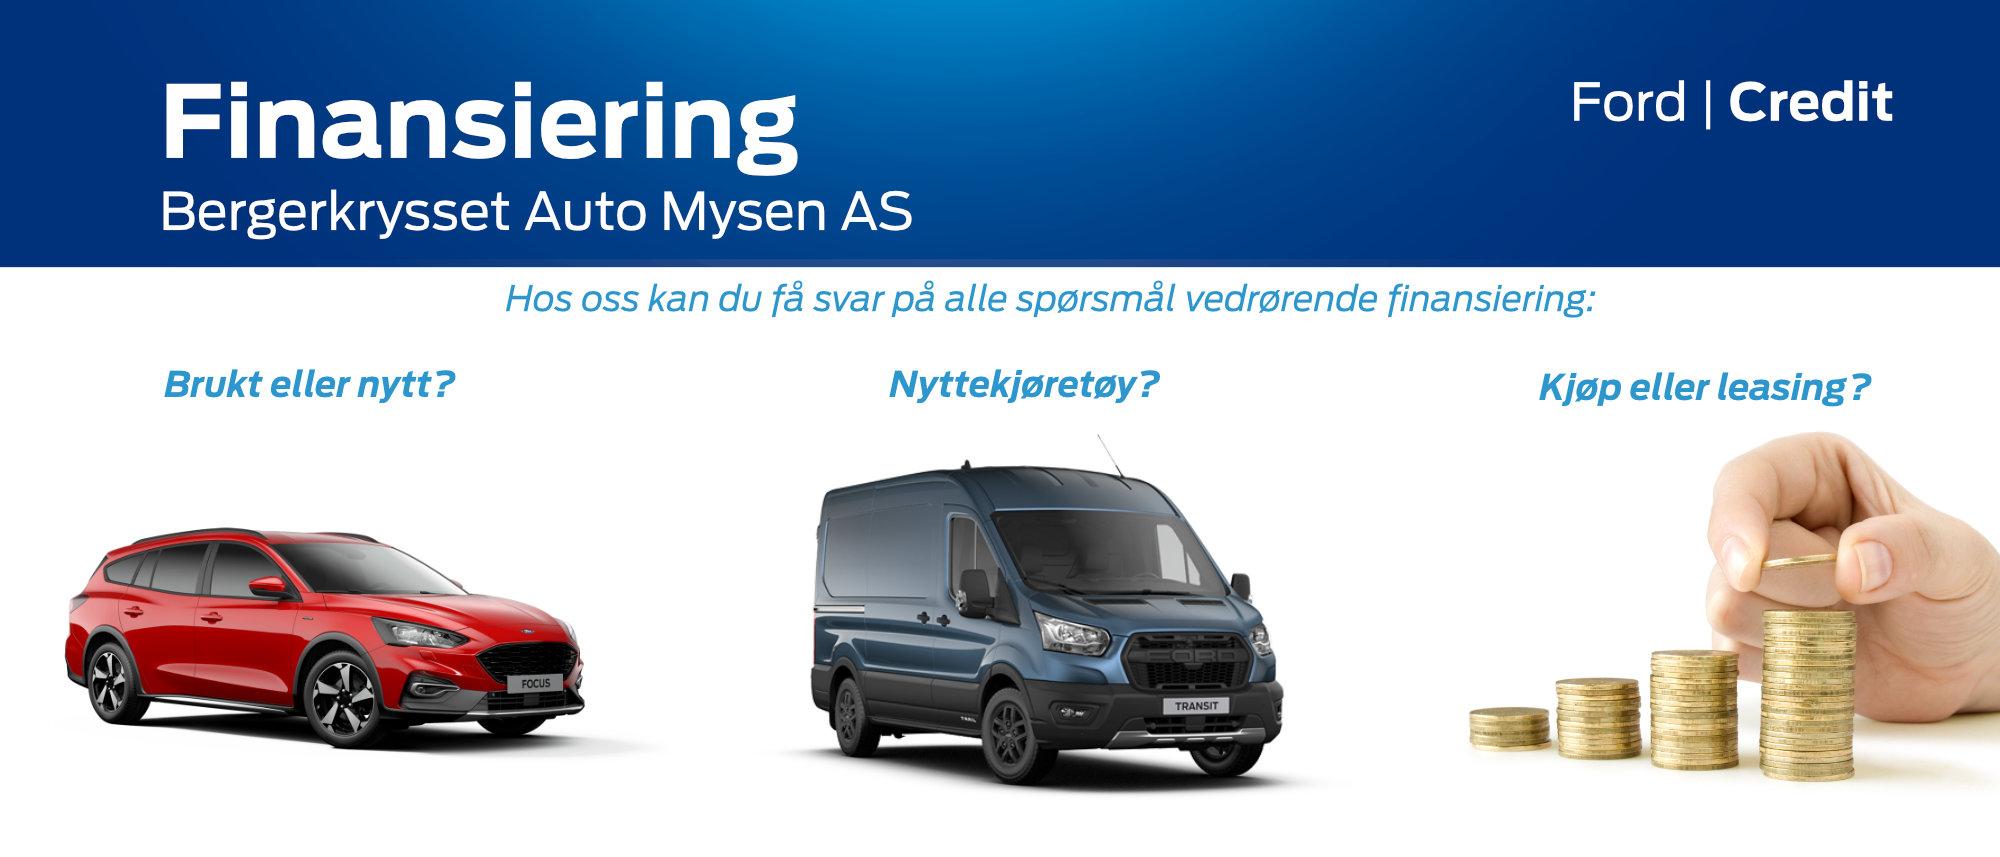 Finansiering - Bergerkrysset Auto Mysen AS